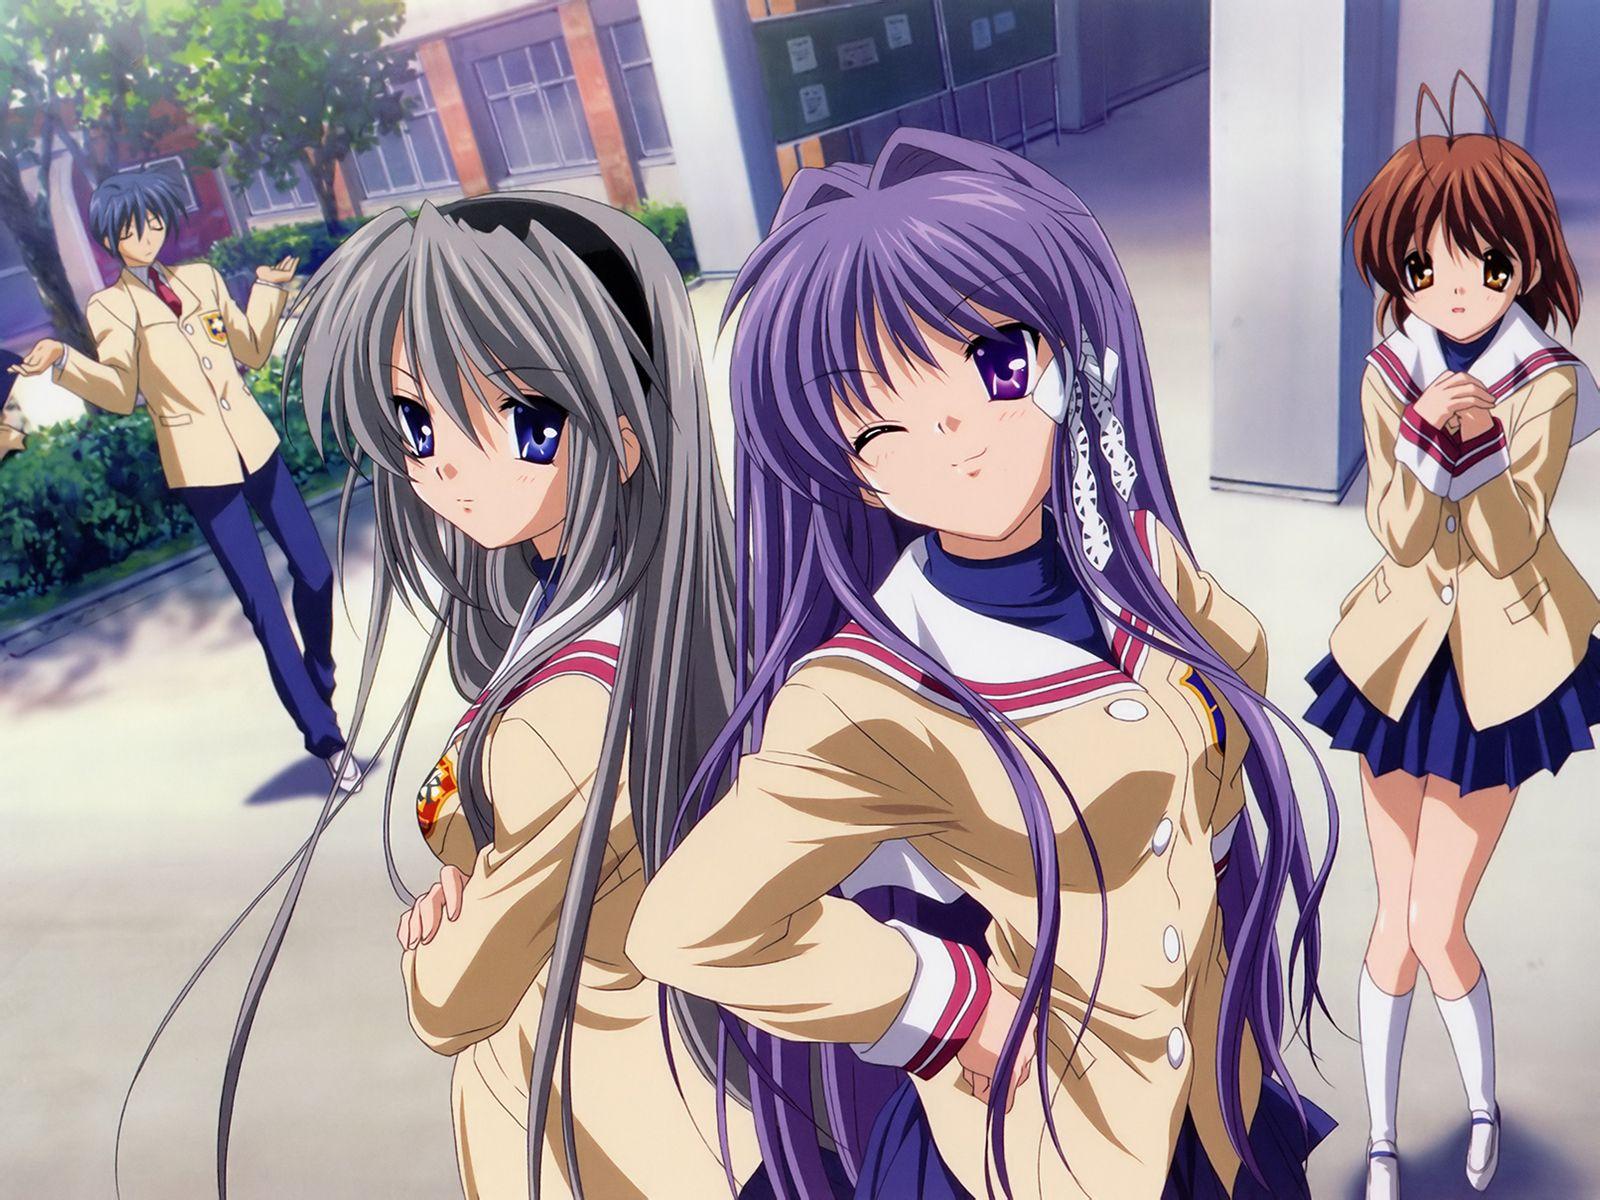 一部日本动漫校园的两个美女都是很长的头发一个灰色